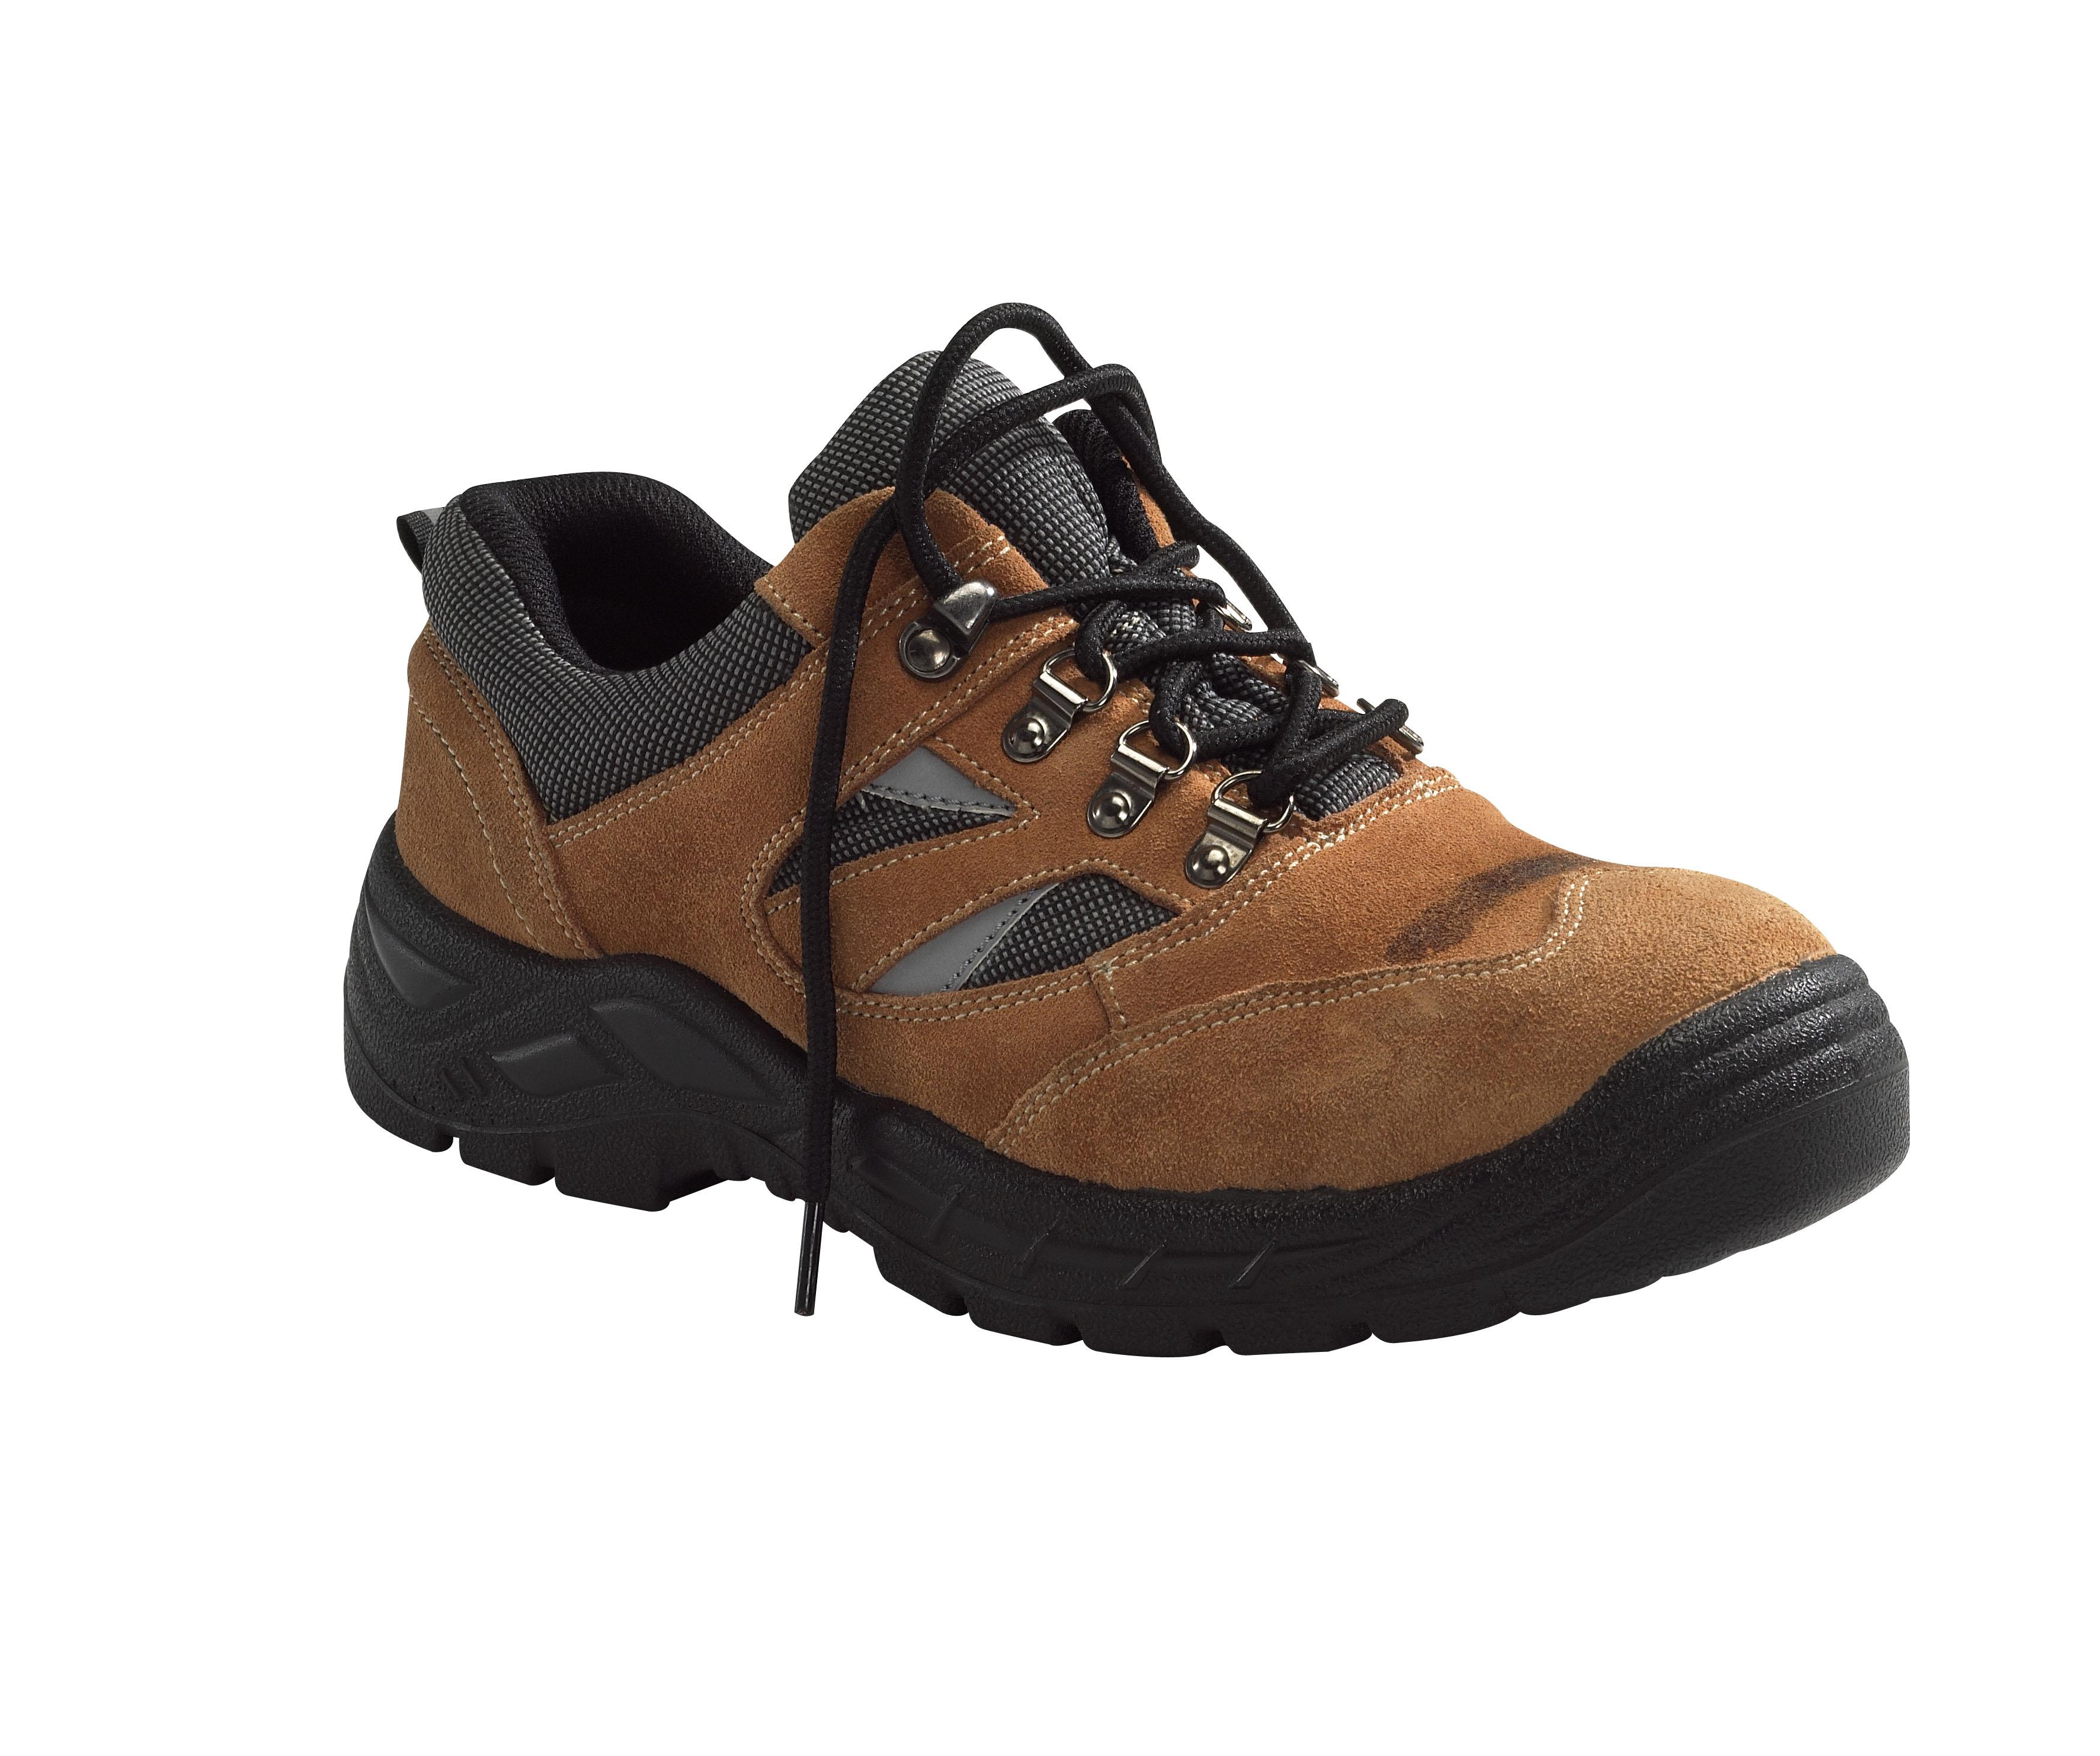 建安康低帮安全鞋CN506